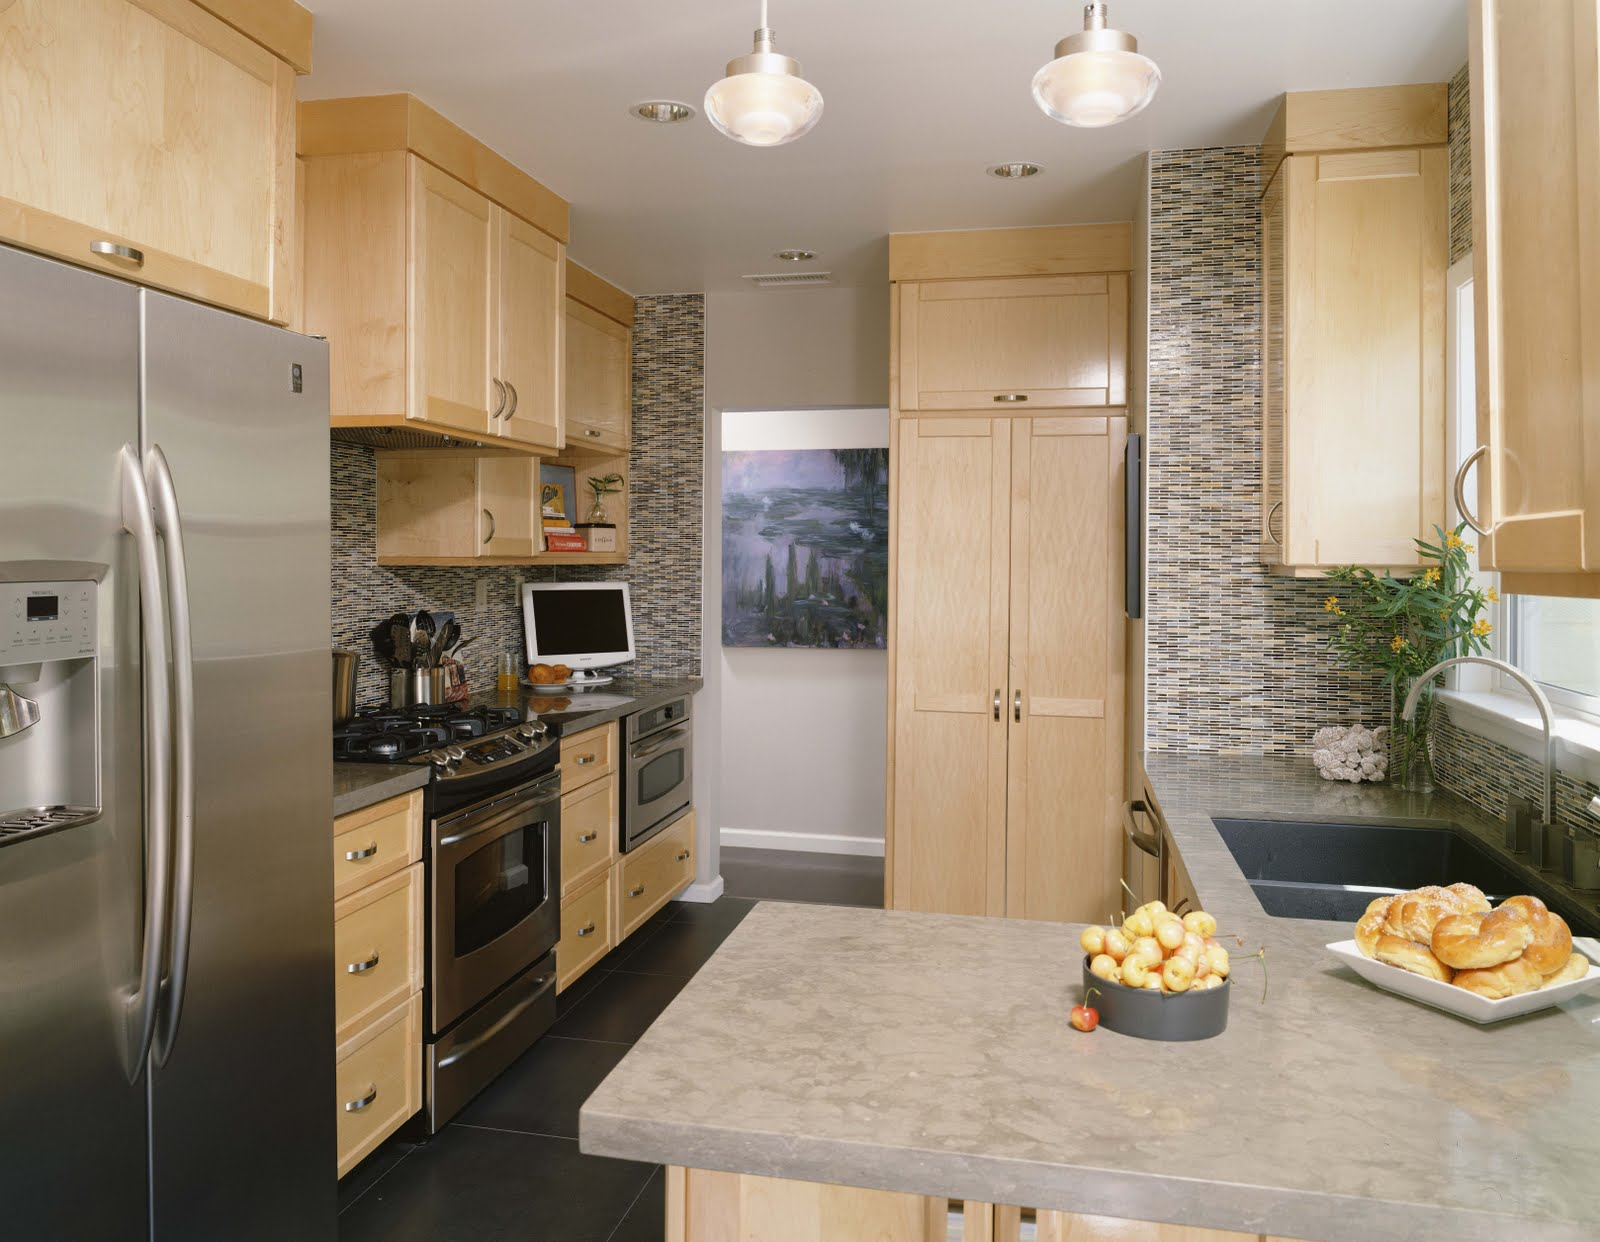 Eco Chic Green Interior Design + Healthy Living Small Kitchen Design